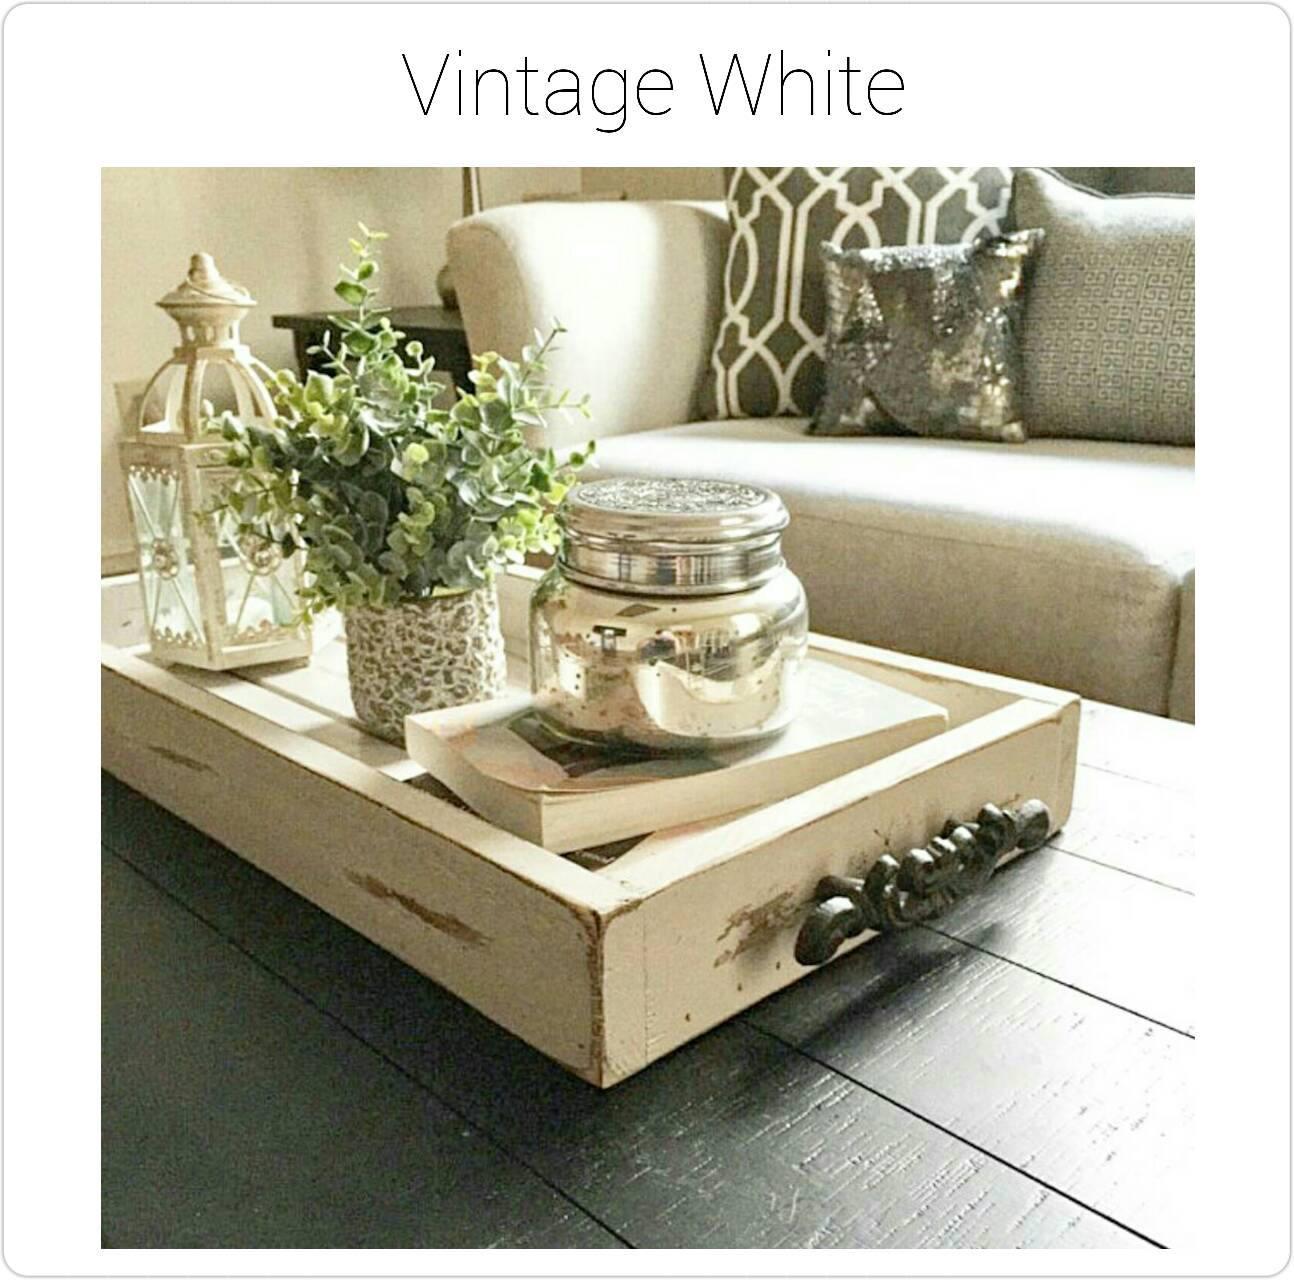 Magazine Tray Bed Tray Breakfast Tray Decorative Tray Coffee Table Tray Casserole Tray